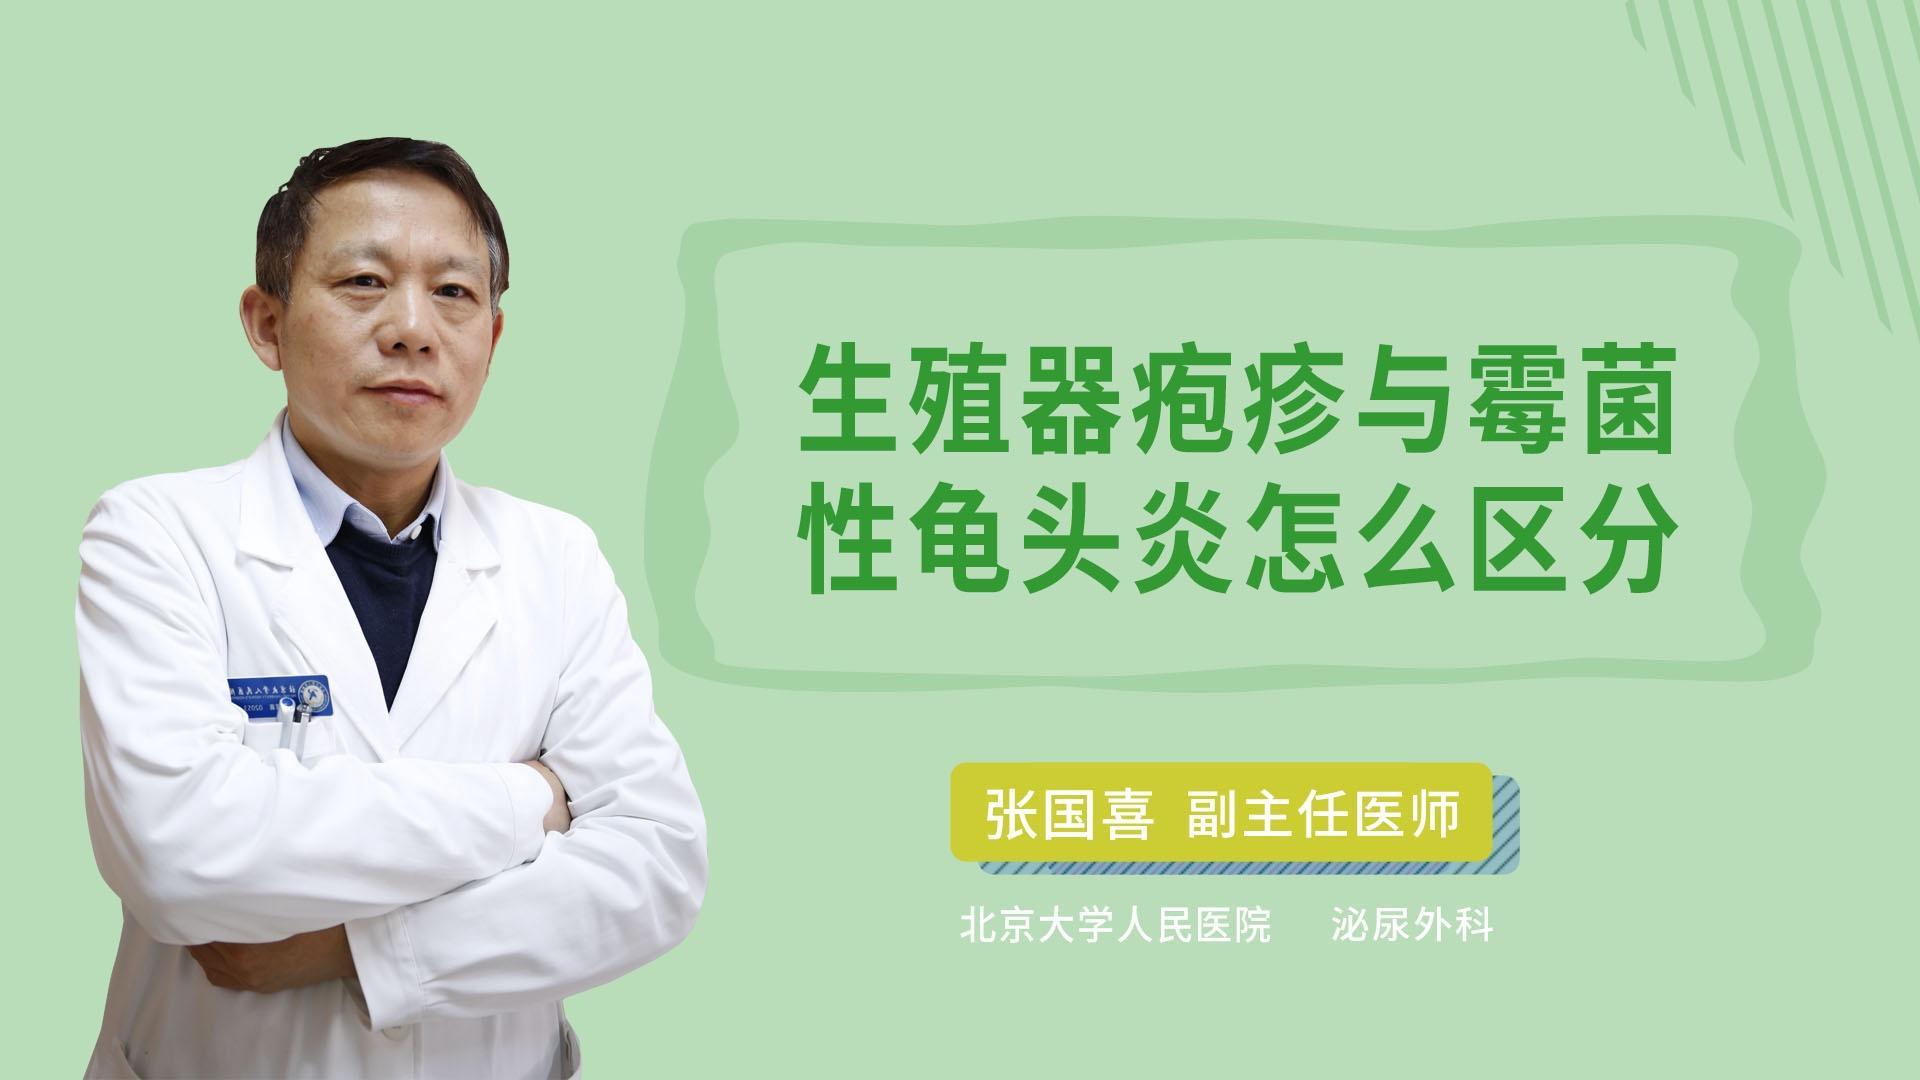 生殖器疱疹与霉菌性龟头炎怎么区分